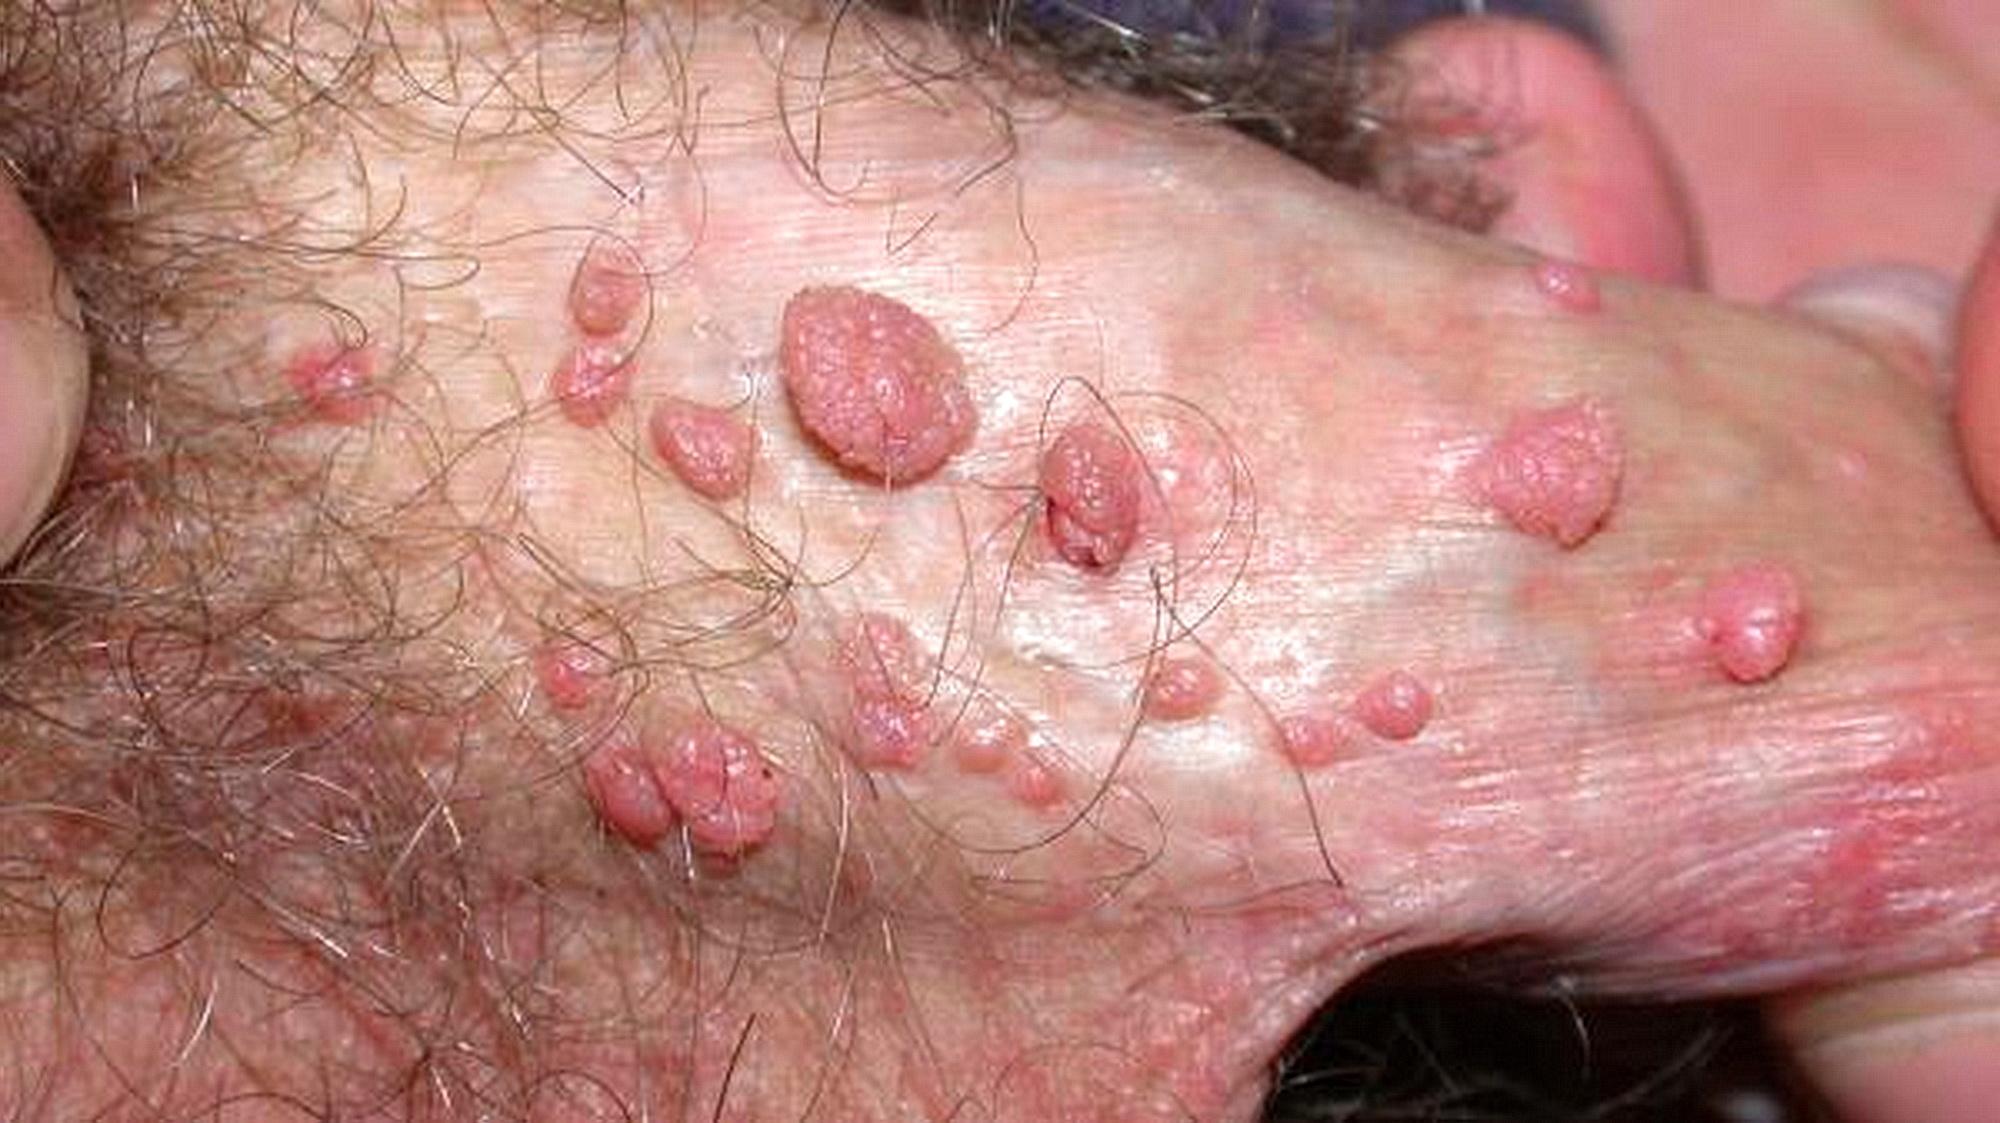 Papilloma virus uomo inguine - filme-indiene.ro